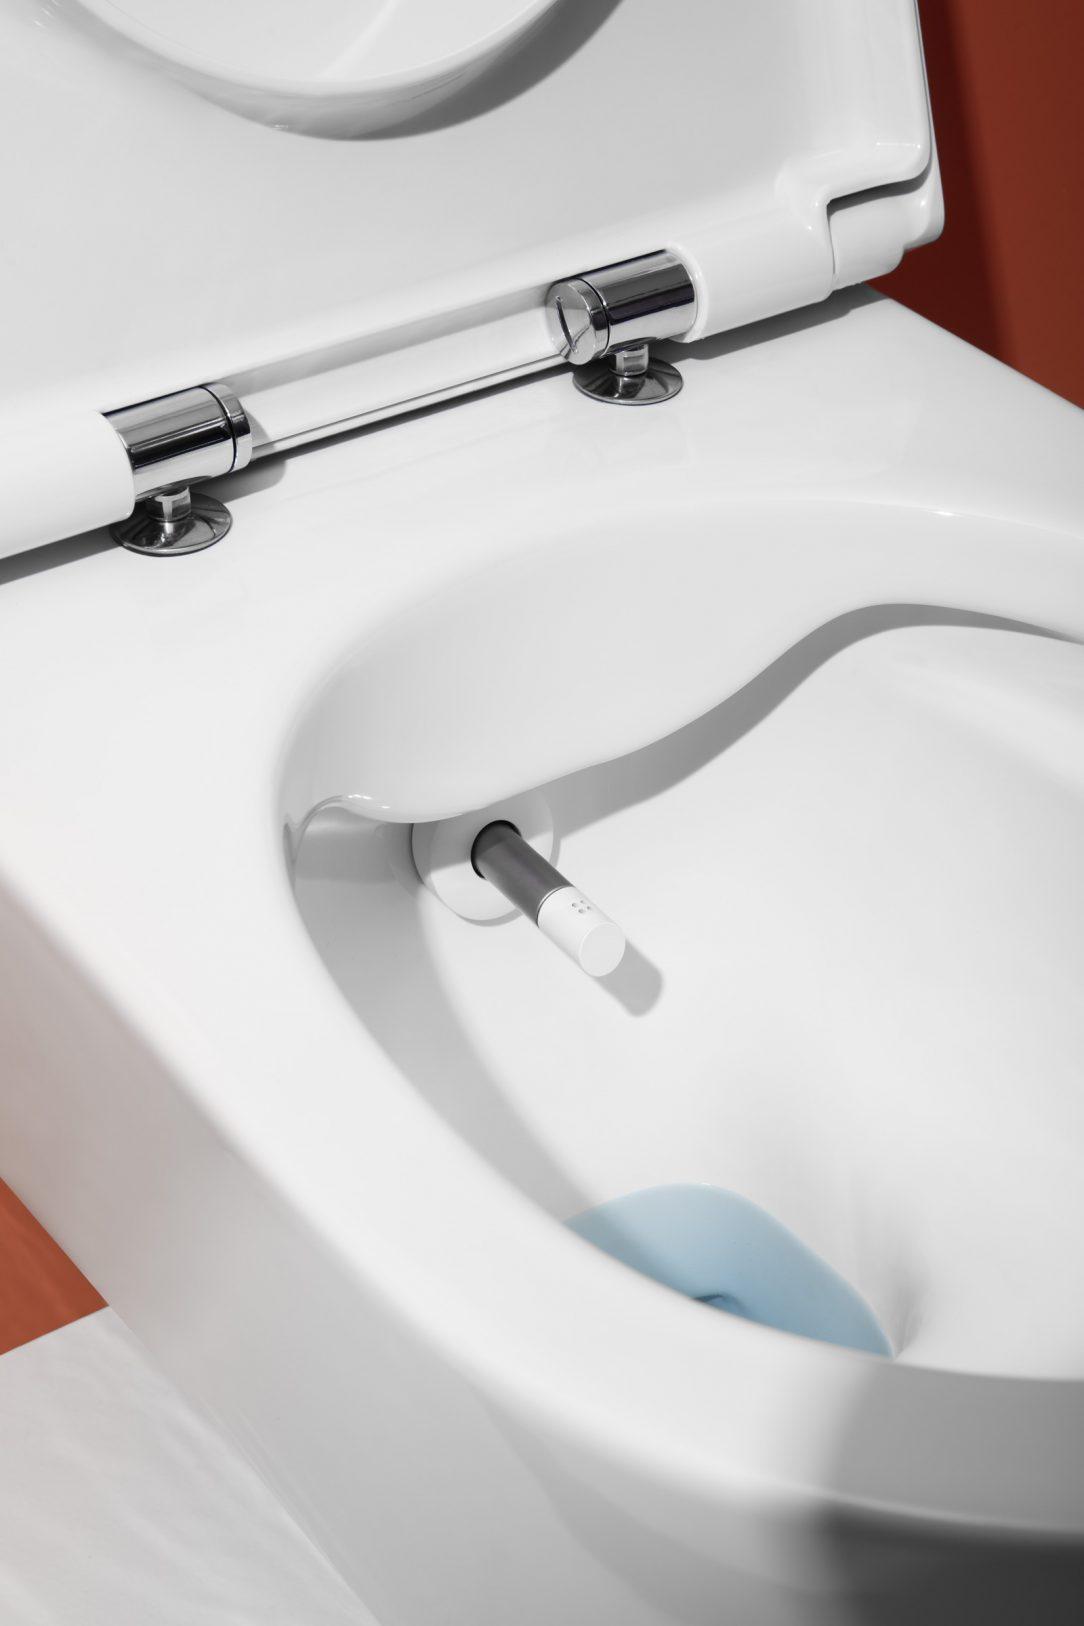 WC Cleanet Navia Mimorádně účinná a zároveň jemná trysková srpcha